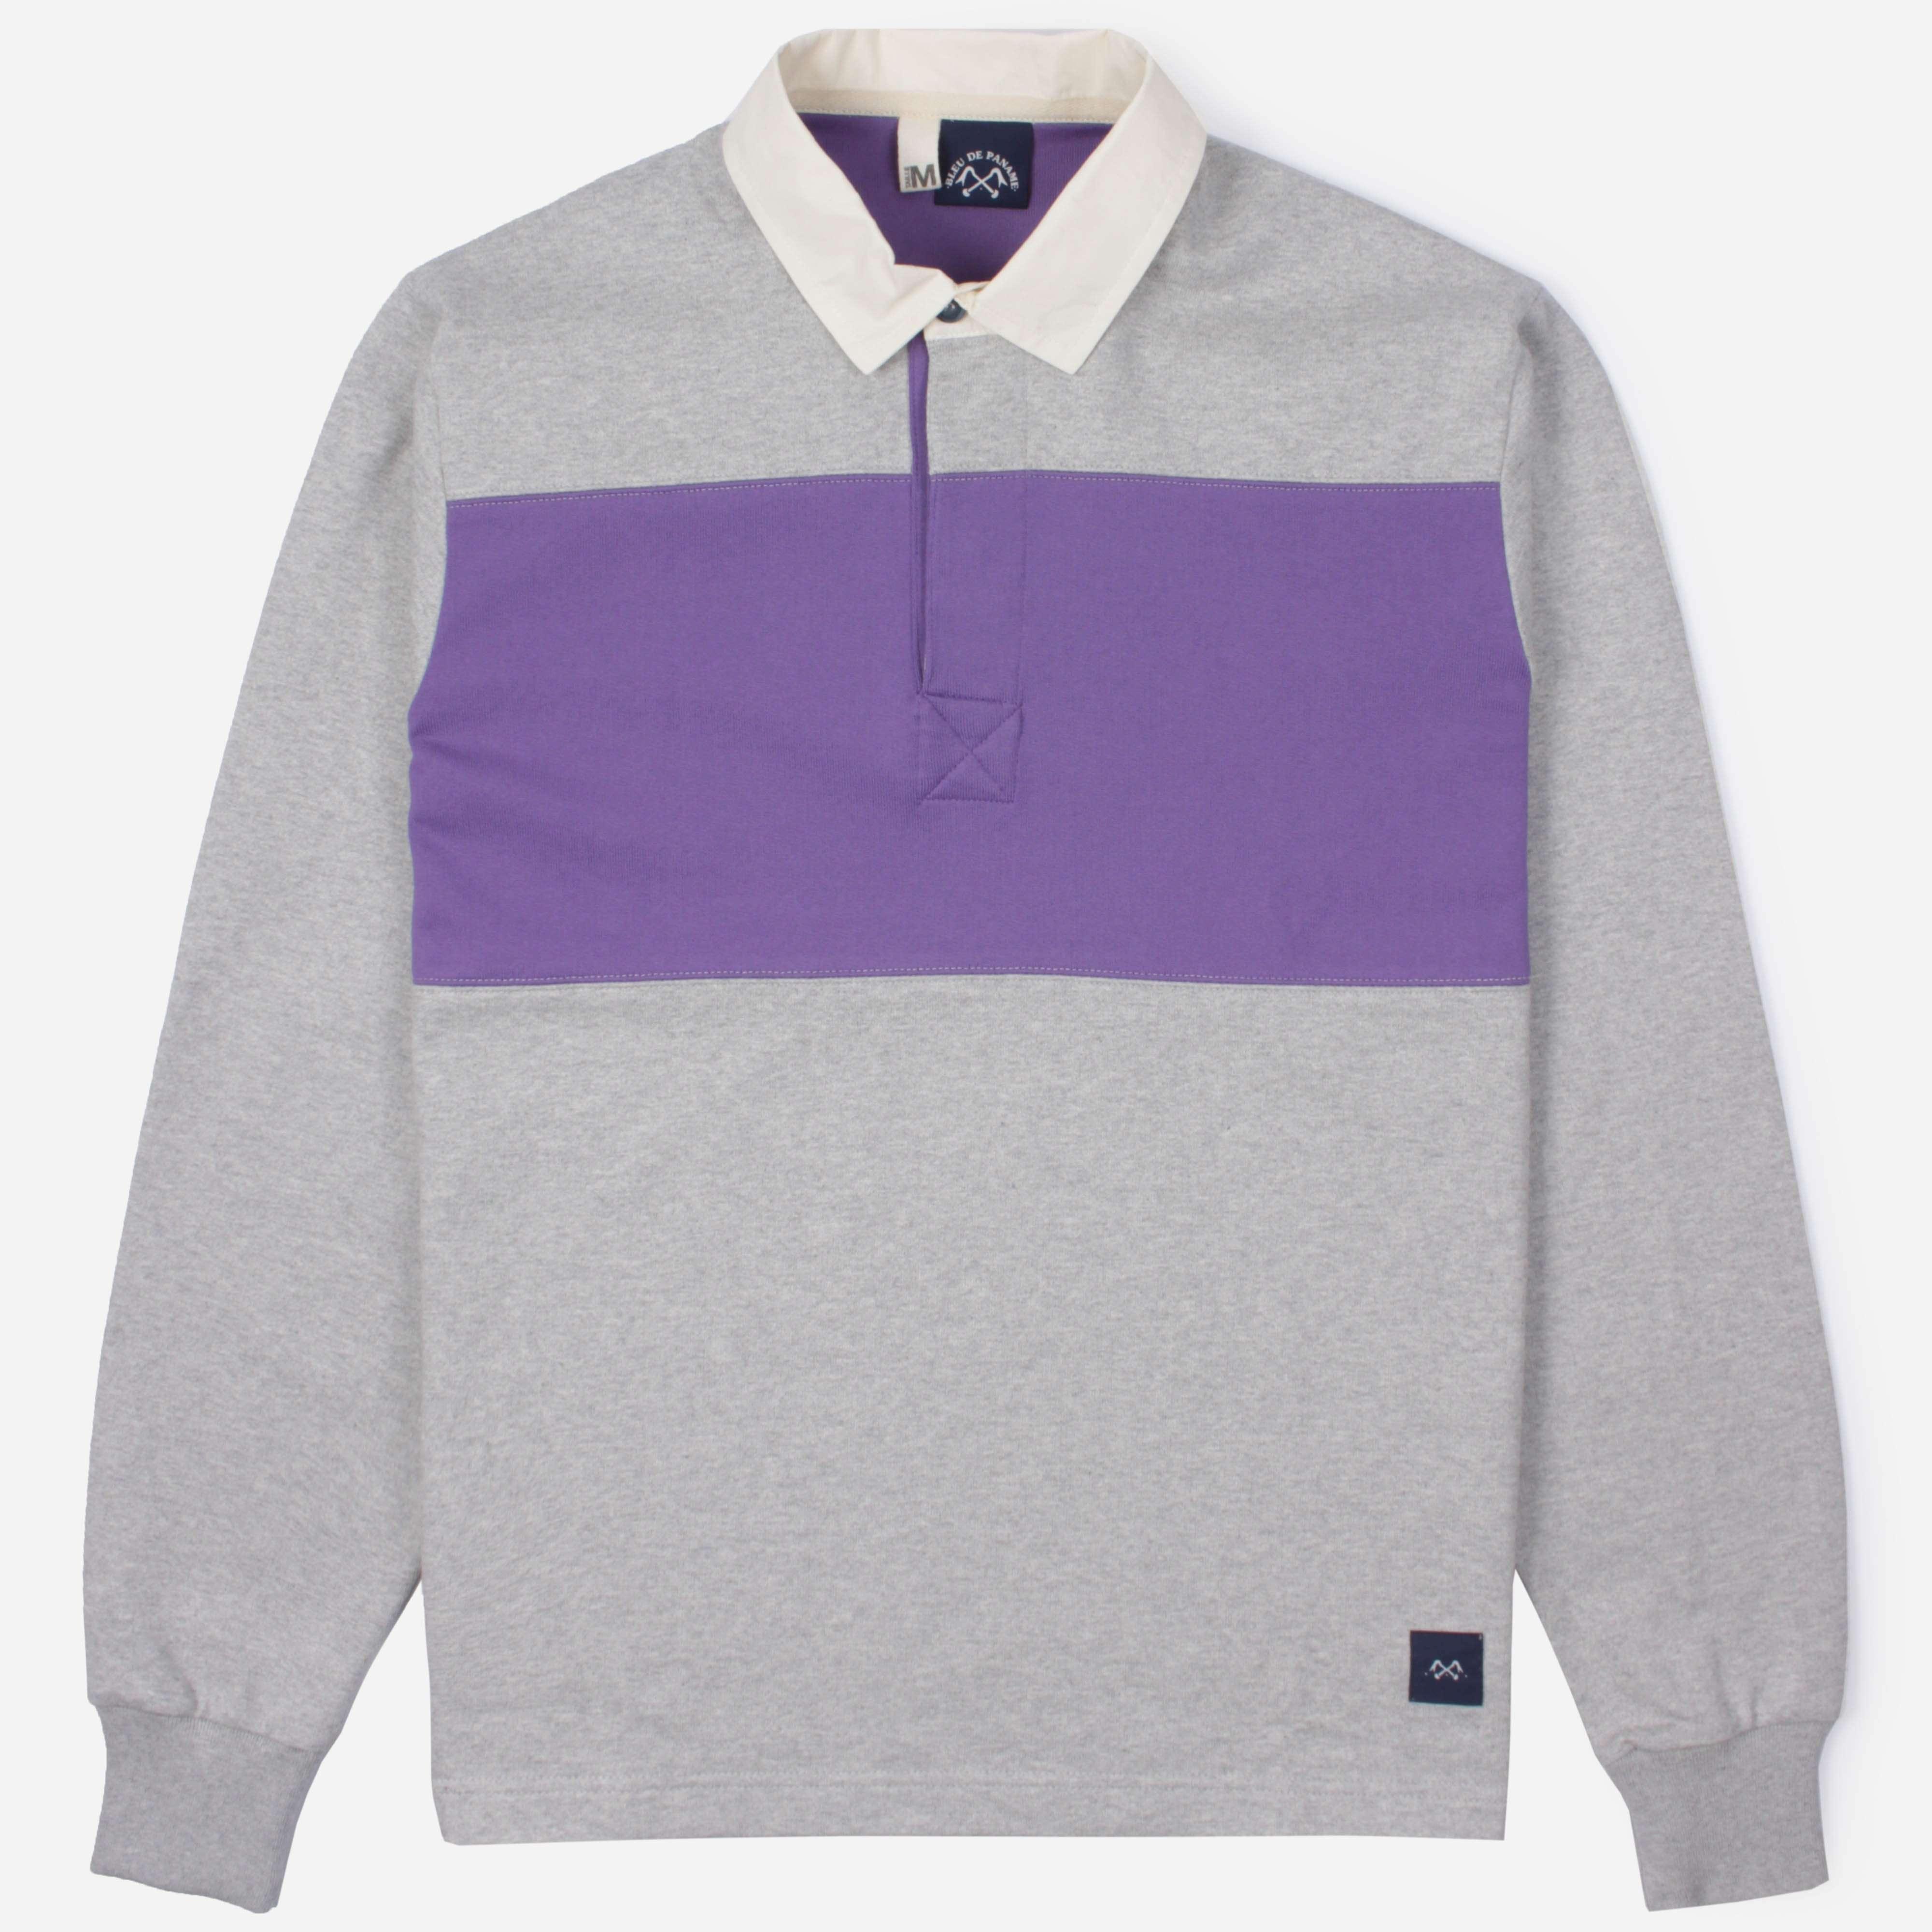 Bleu De Paname Rugby Polo Shirt